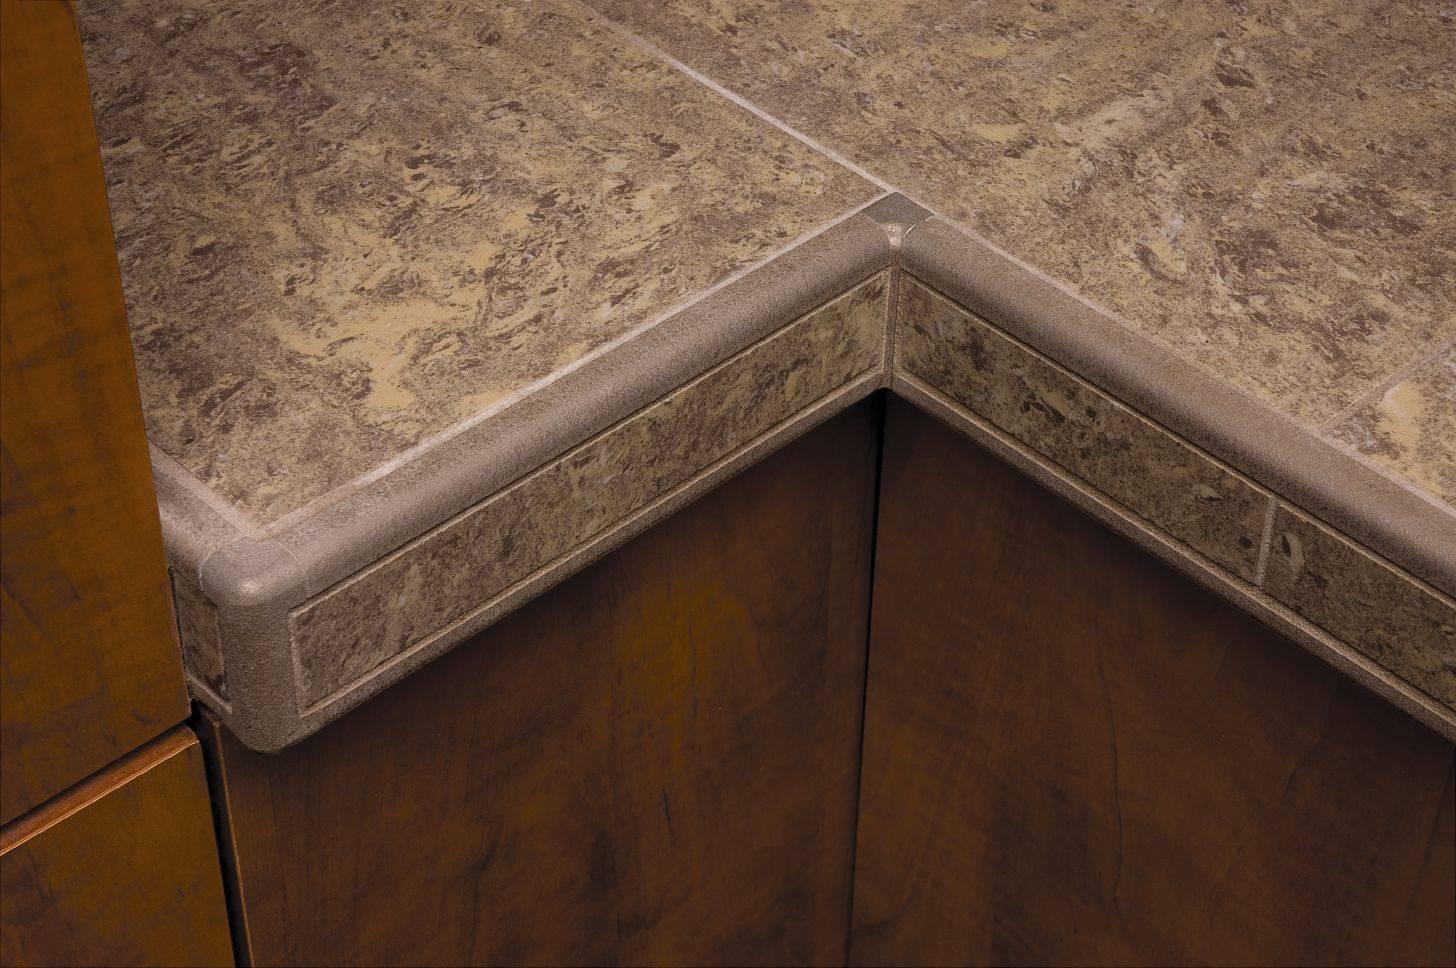 Алюминиевые и пластиковые уголки для керамической плитки, варианты и правила монтажа